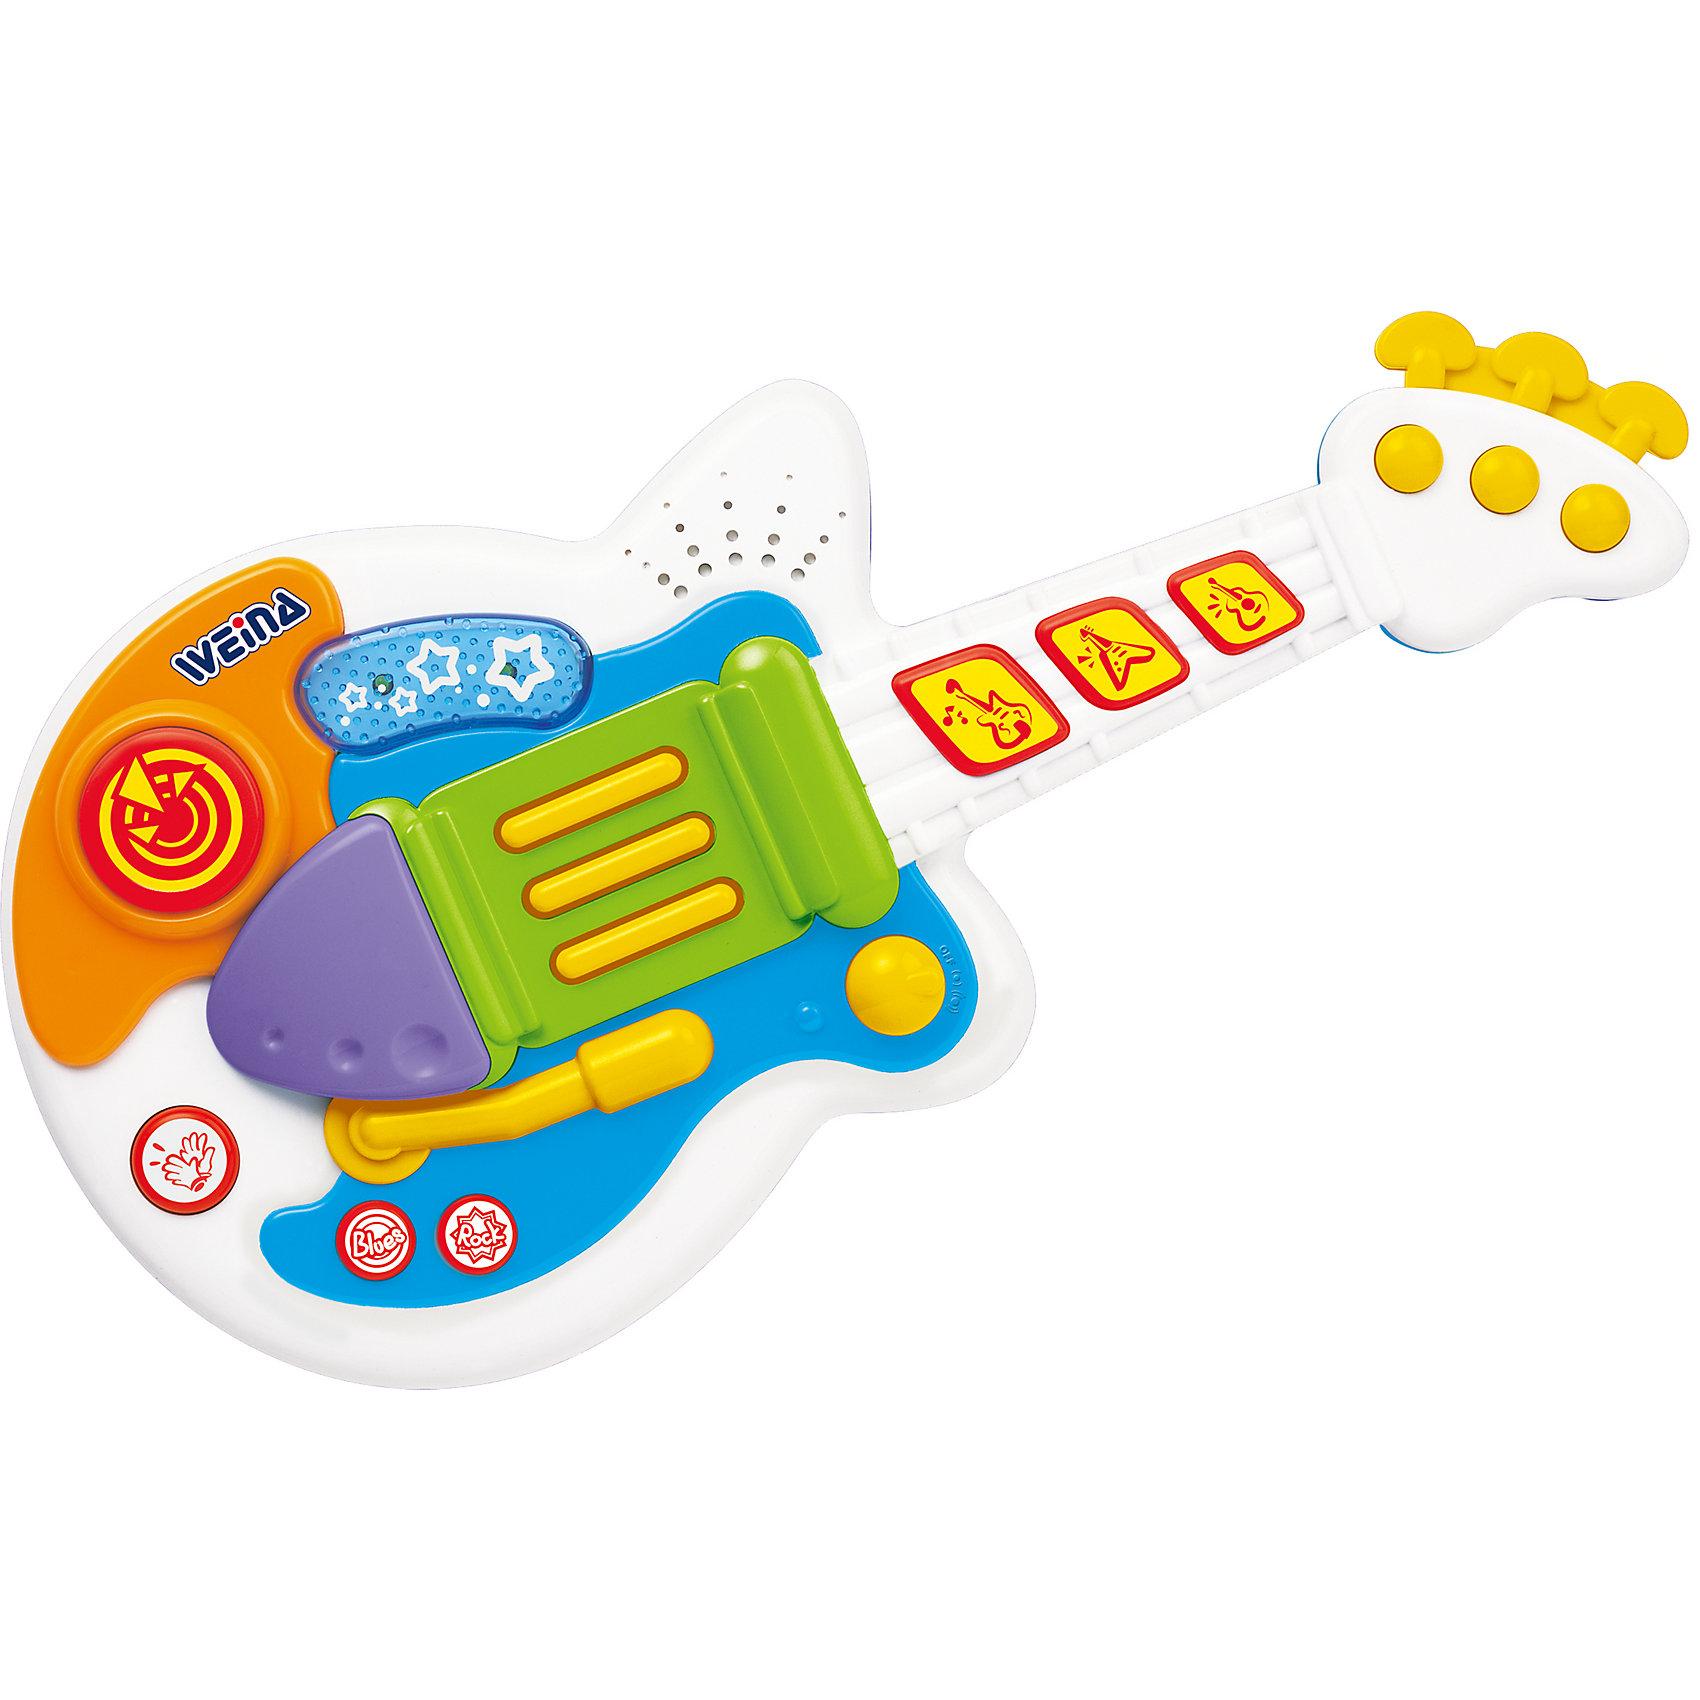 Гитара Рок музыкант, WeinaИдеи подарков<br>Малыши обожают собственные музыкальные инструменты! Они подражают настоящим музыкантам, но вместе с тем развивают слух и чувство ритма. Рок-гитара от  Weina создана для будущих звезд. Стоит малышу нажать на клавишу и он услышит замечательные мелодии, а еще сможет попробовать разные эффекты. Непременно попросите малыша выступить перед гостями, он услышит аплодисменты и обязательно захочет научиться играть на настоящем инструменте!<br><br>Дополнительная информация:<br><br>- Отлично подходит для развития музыкальных навыков;<br>- Звуковые и световые эффекты;<br>- Выбор стиля: рок или блюз;<br>- 2 батарейки AA (1.5 В) входят в комплект;<br> Размеры упаковки: 46,5 х 7 х 25,5 см.<br><br>Рок гитару, Weina можно купить в нашем интернет-магазине.<br><br>Ширина мм: 670<br>Глубина мм: 570<br>Высота мм: 240<br>Вес г: 5200<br>Возраст от месяцев: 24<br>Возраст до месяцев: 72<br>Пол: Унисекс<br>Возраст: Детский<br>SKU: 3979982